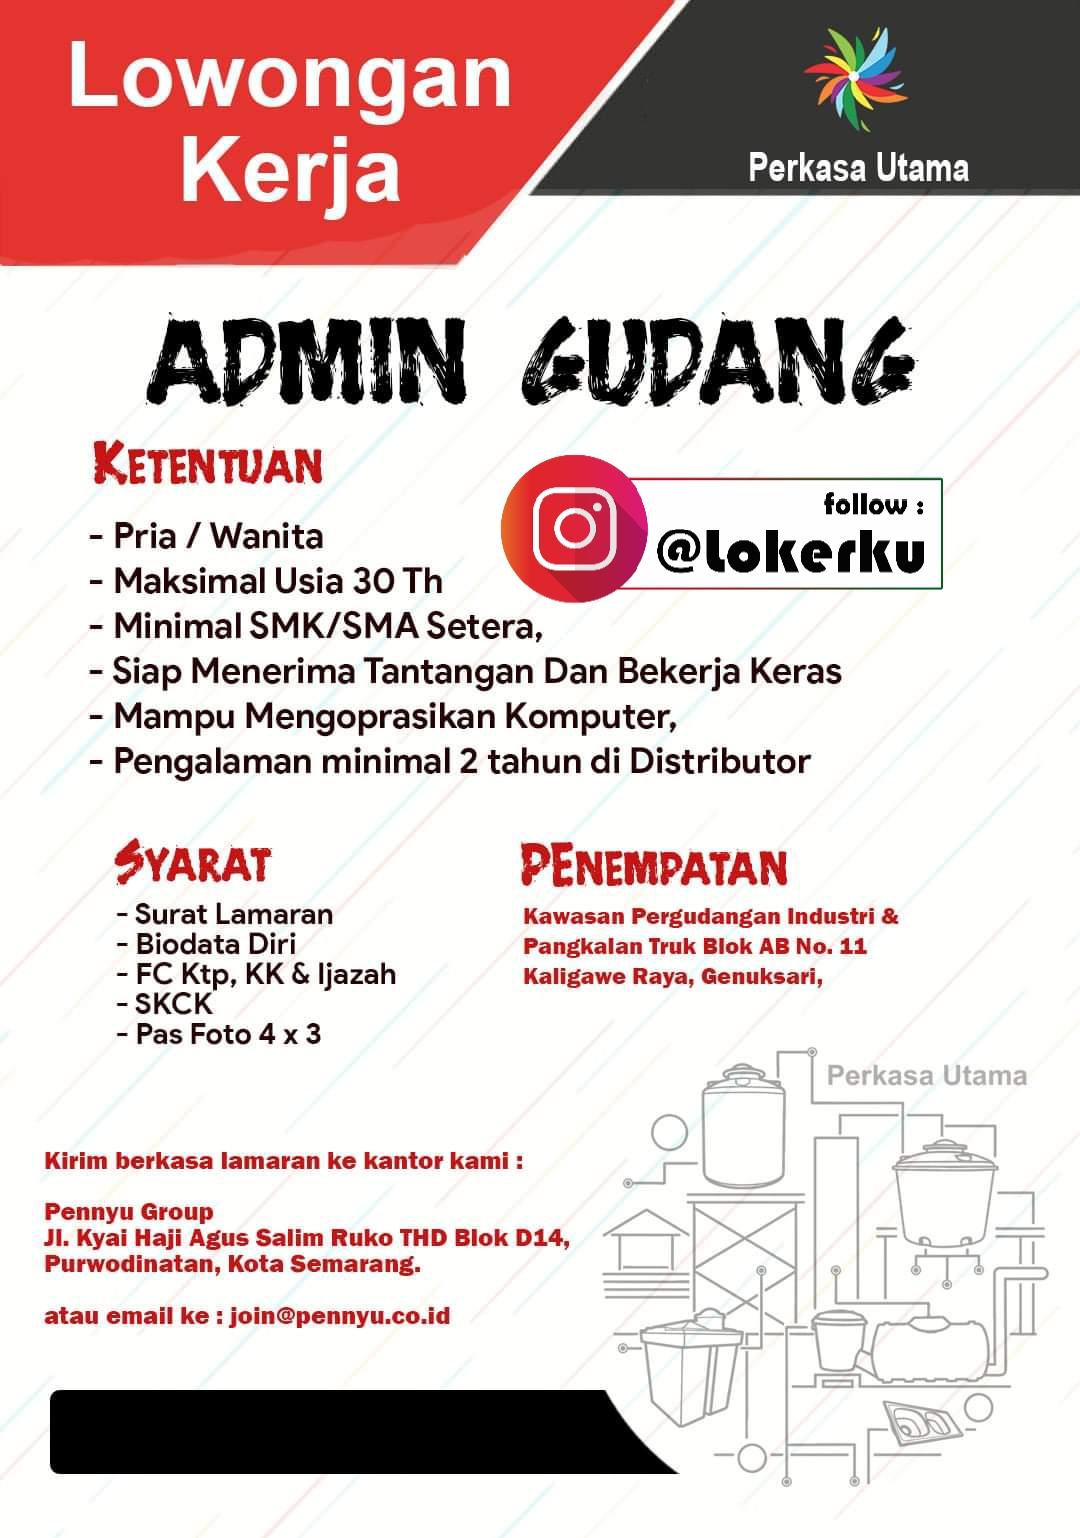 Lowongan Kerja Admin Gudang Di Perkasa Utama Semarang Lowongan